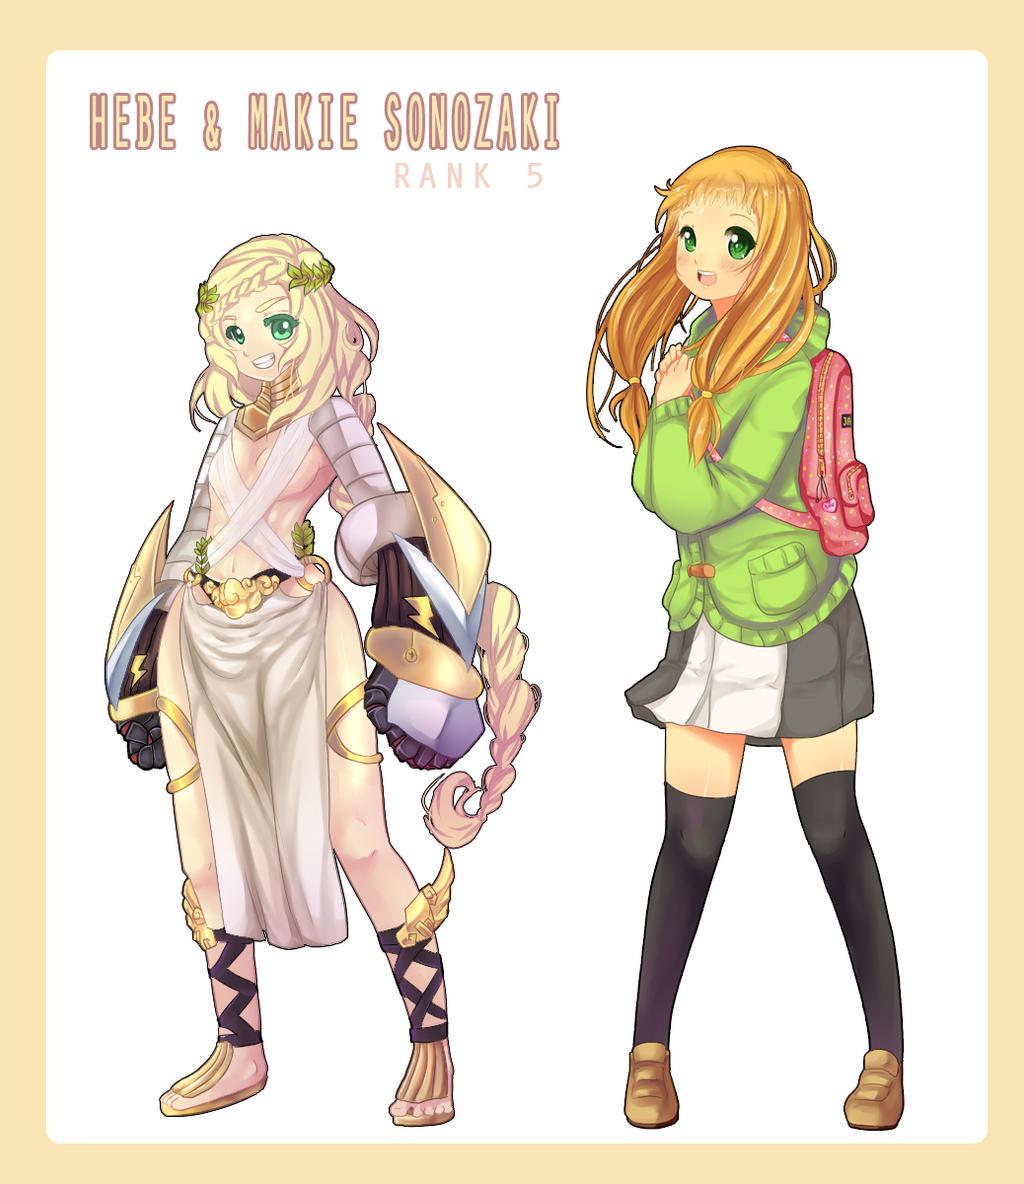 MM: Rank 5 Makie Sonozaki by CamiIIe